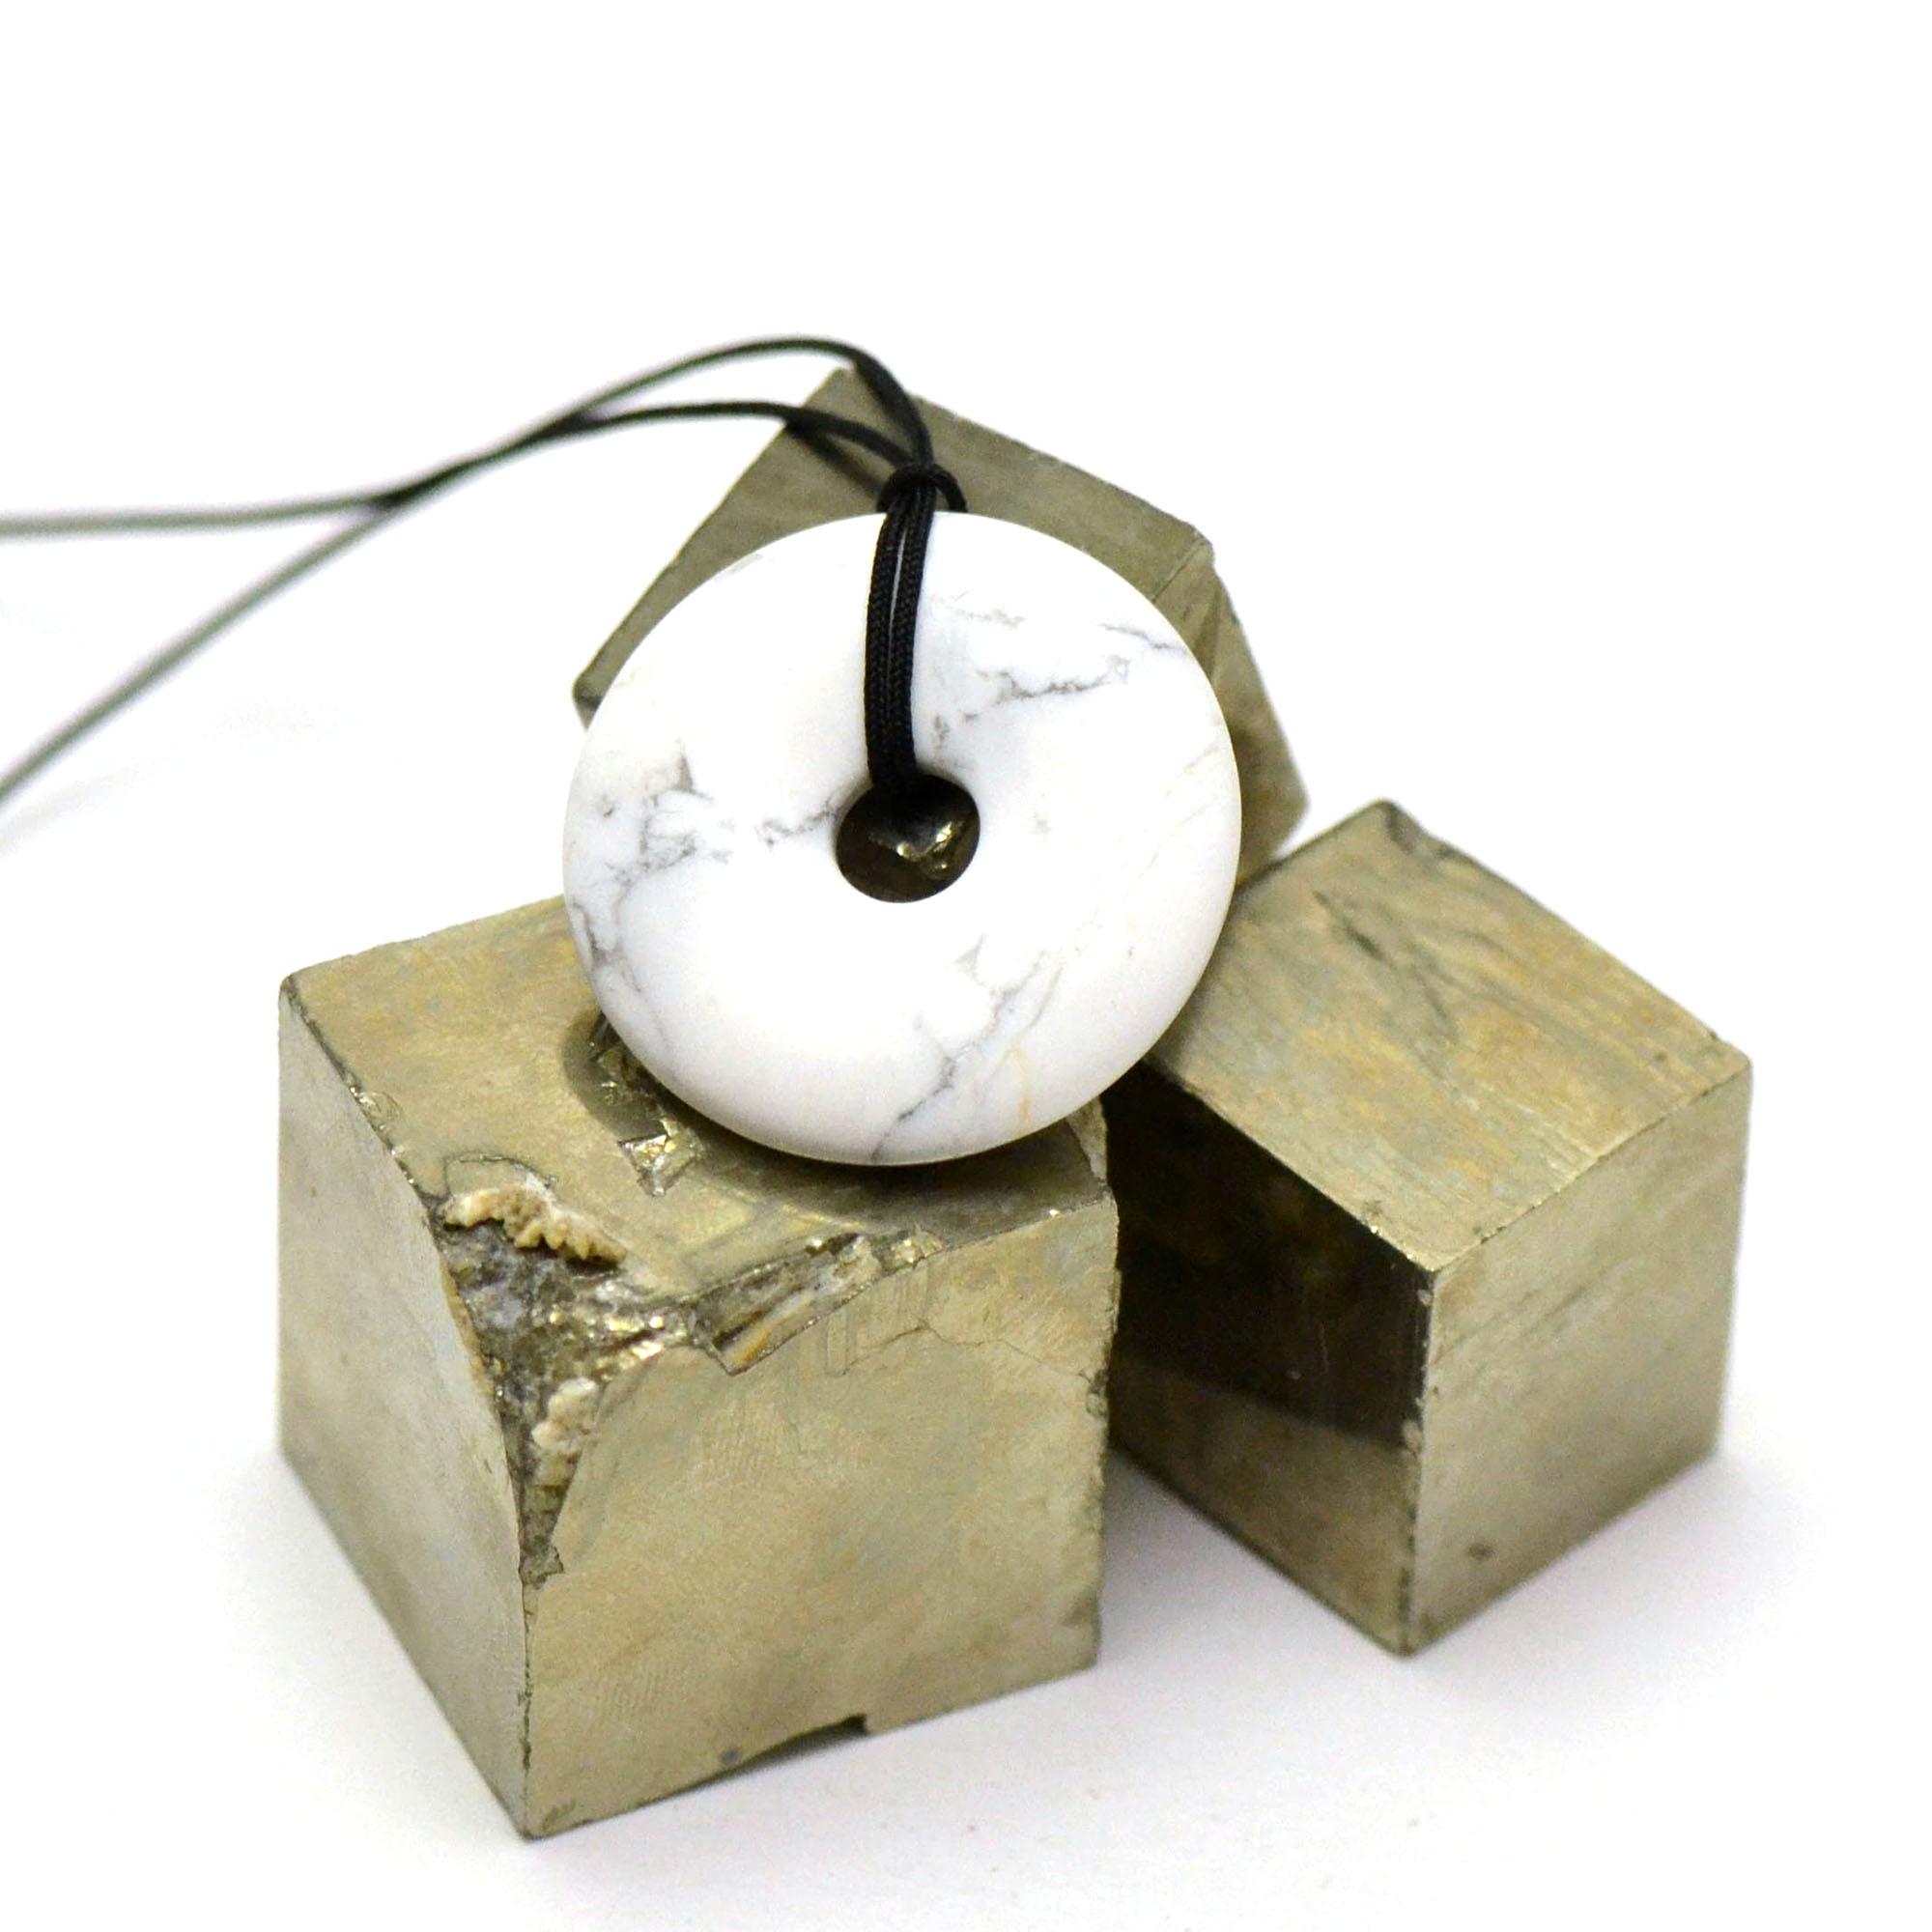 1 pendentif howlite donuts 30 mm, pierre naturelle